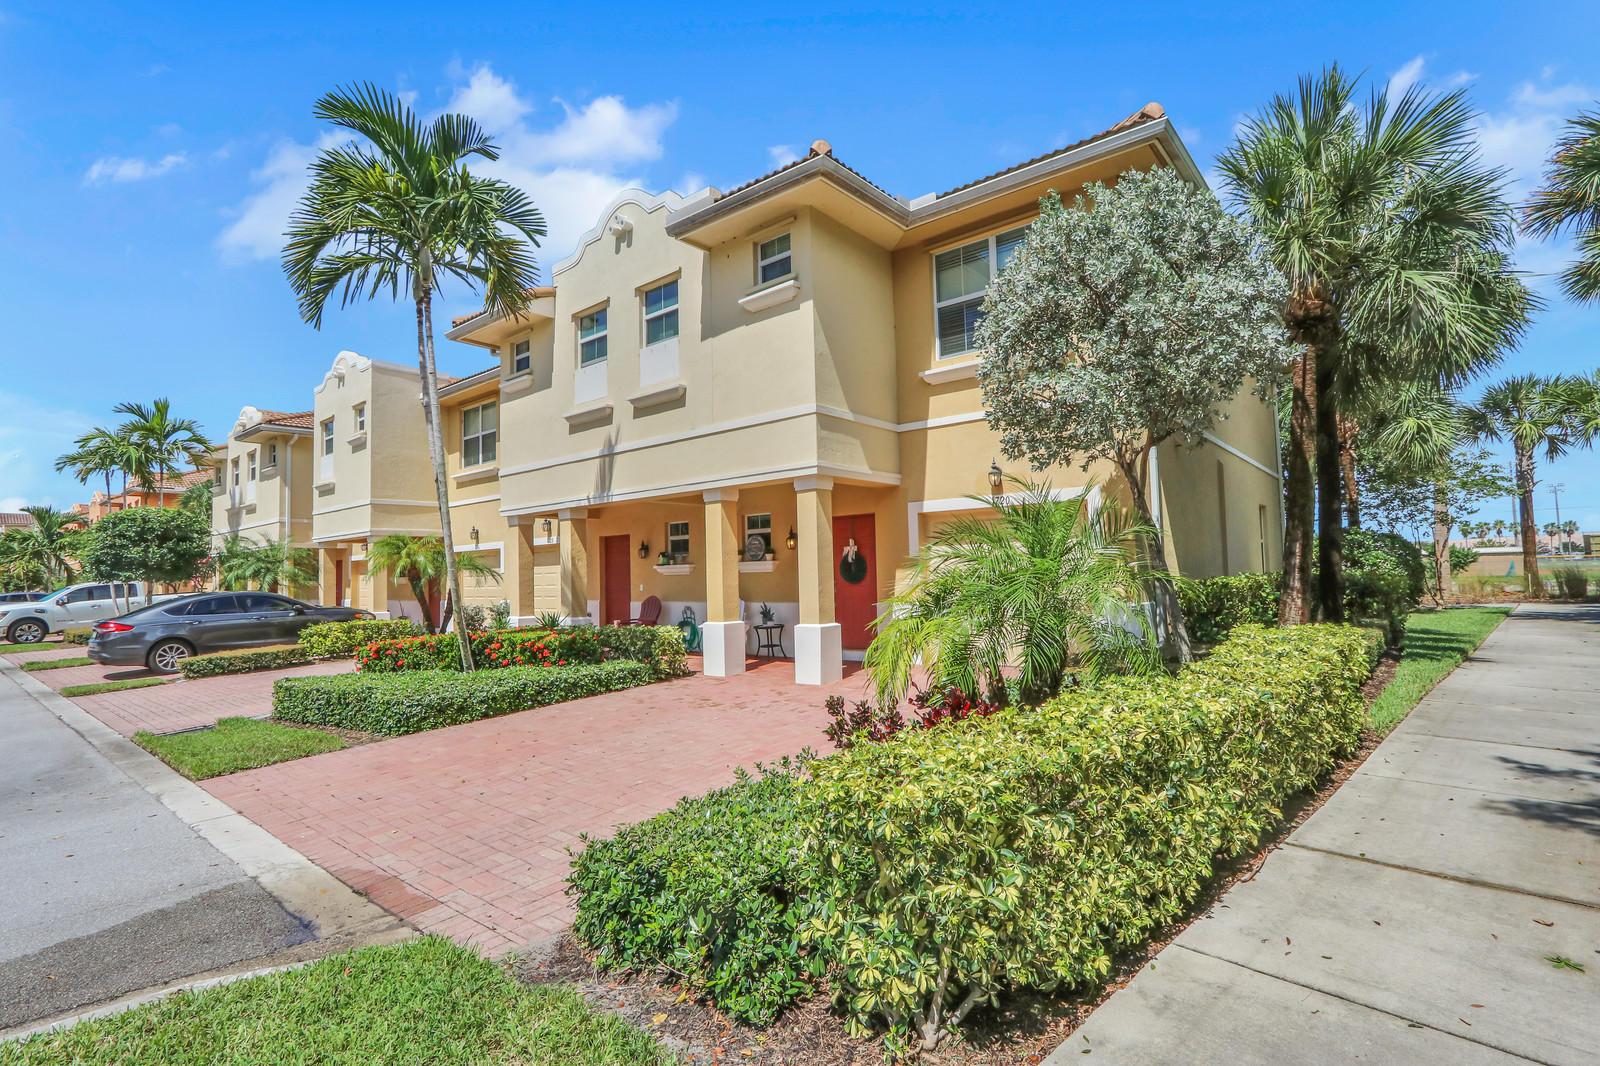 Home for sale in Vistabella Boynton Beach Florida